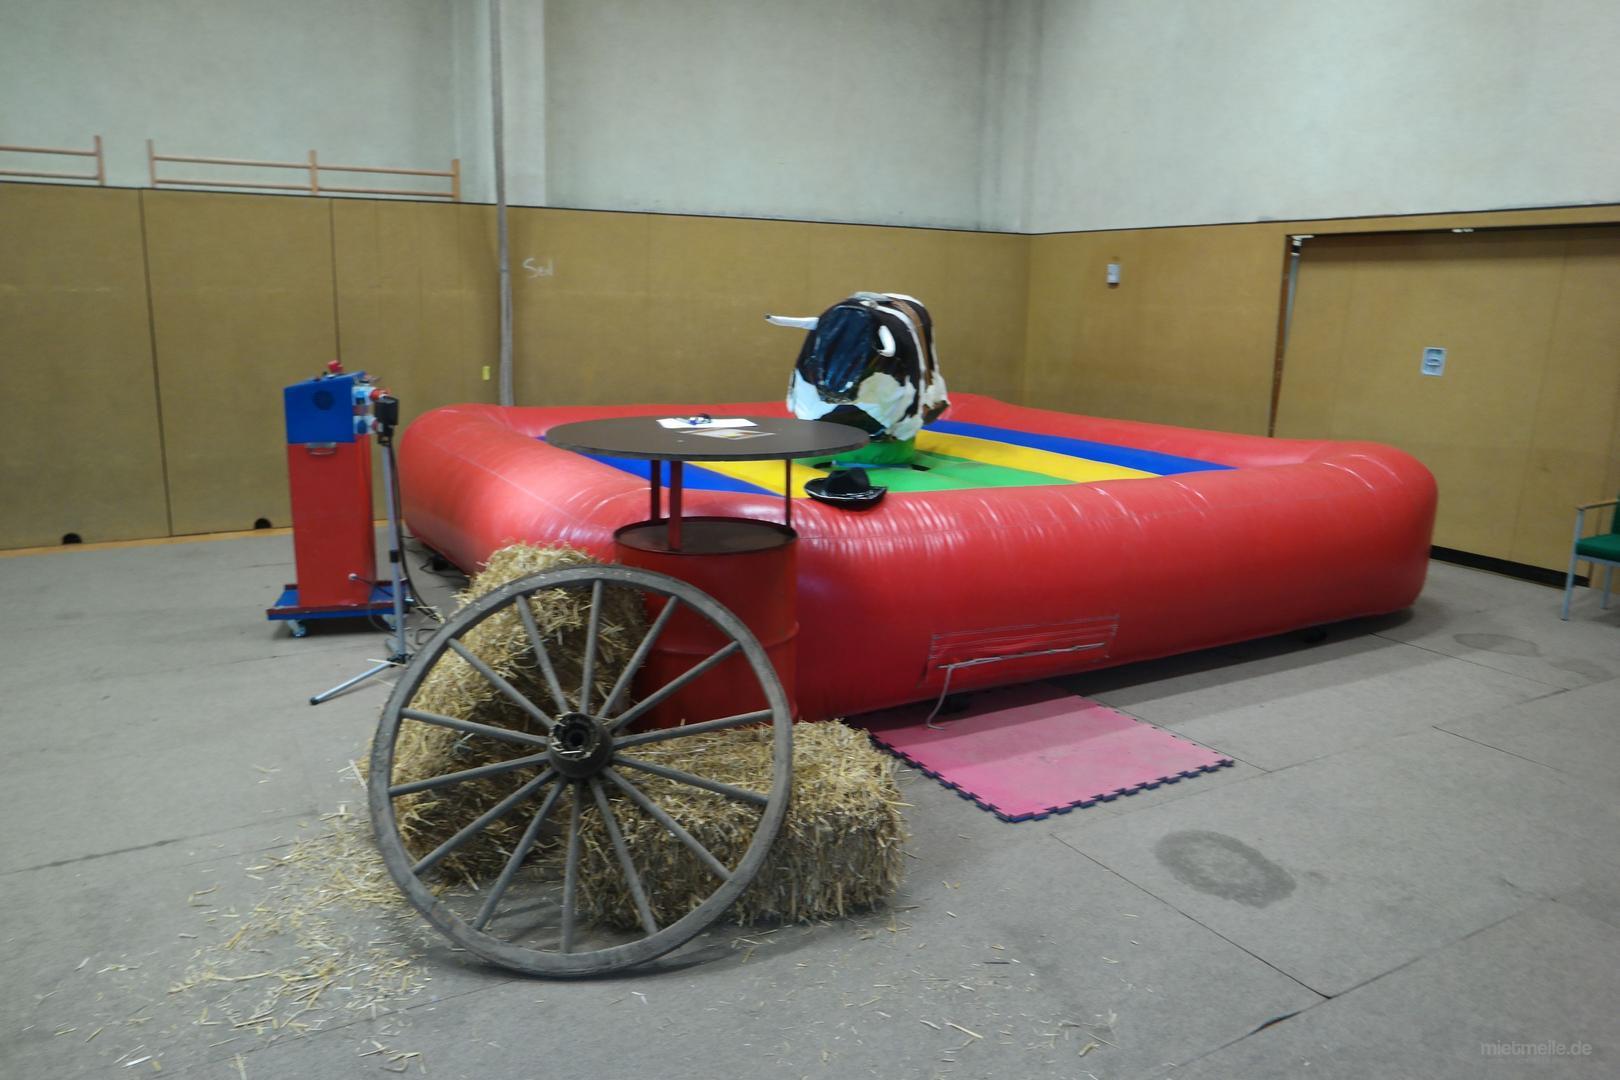 Riesenrutsche mieten & vermieten - Schweinereiten, Enten Rodeo, Bullriding mieten in Berlin